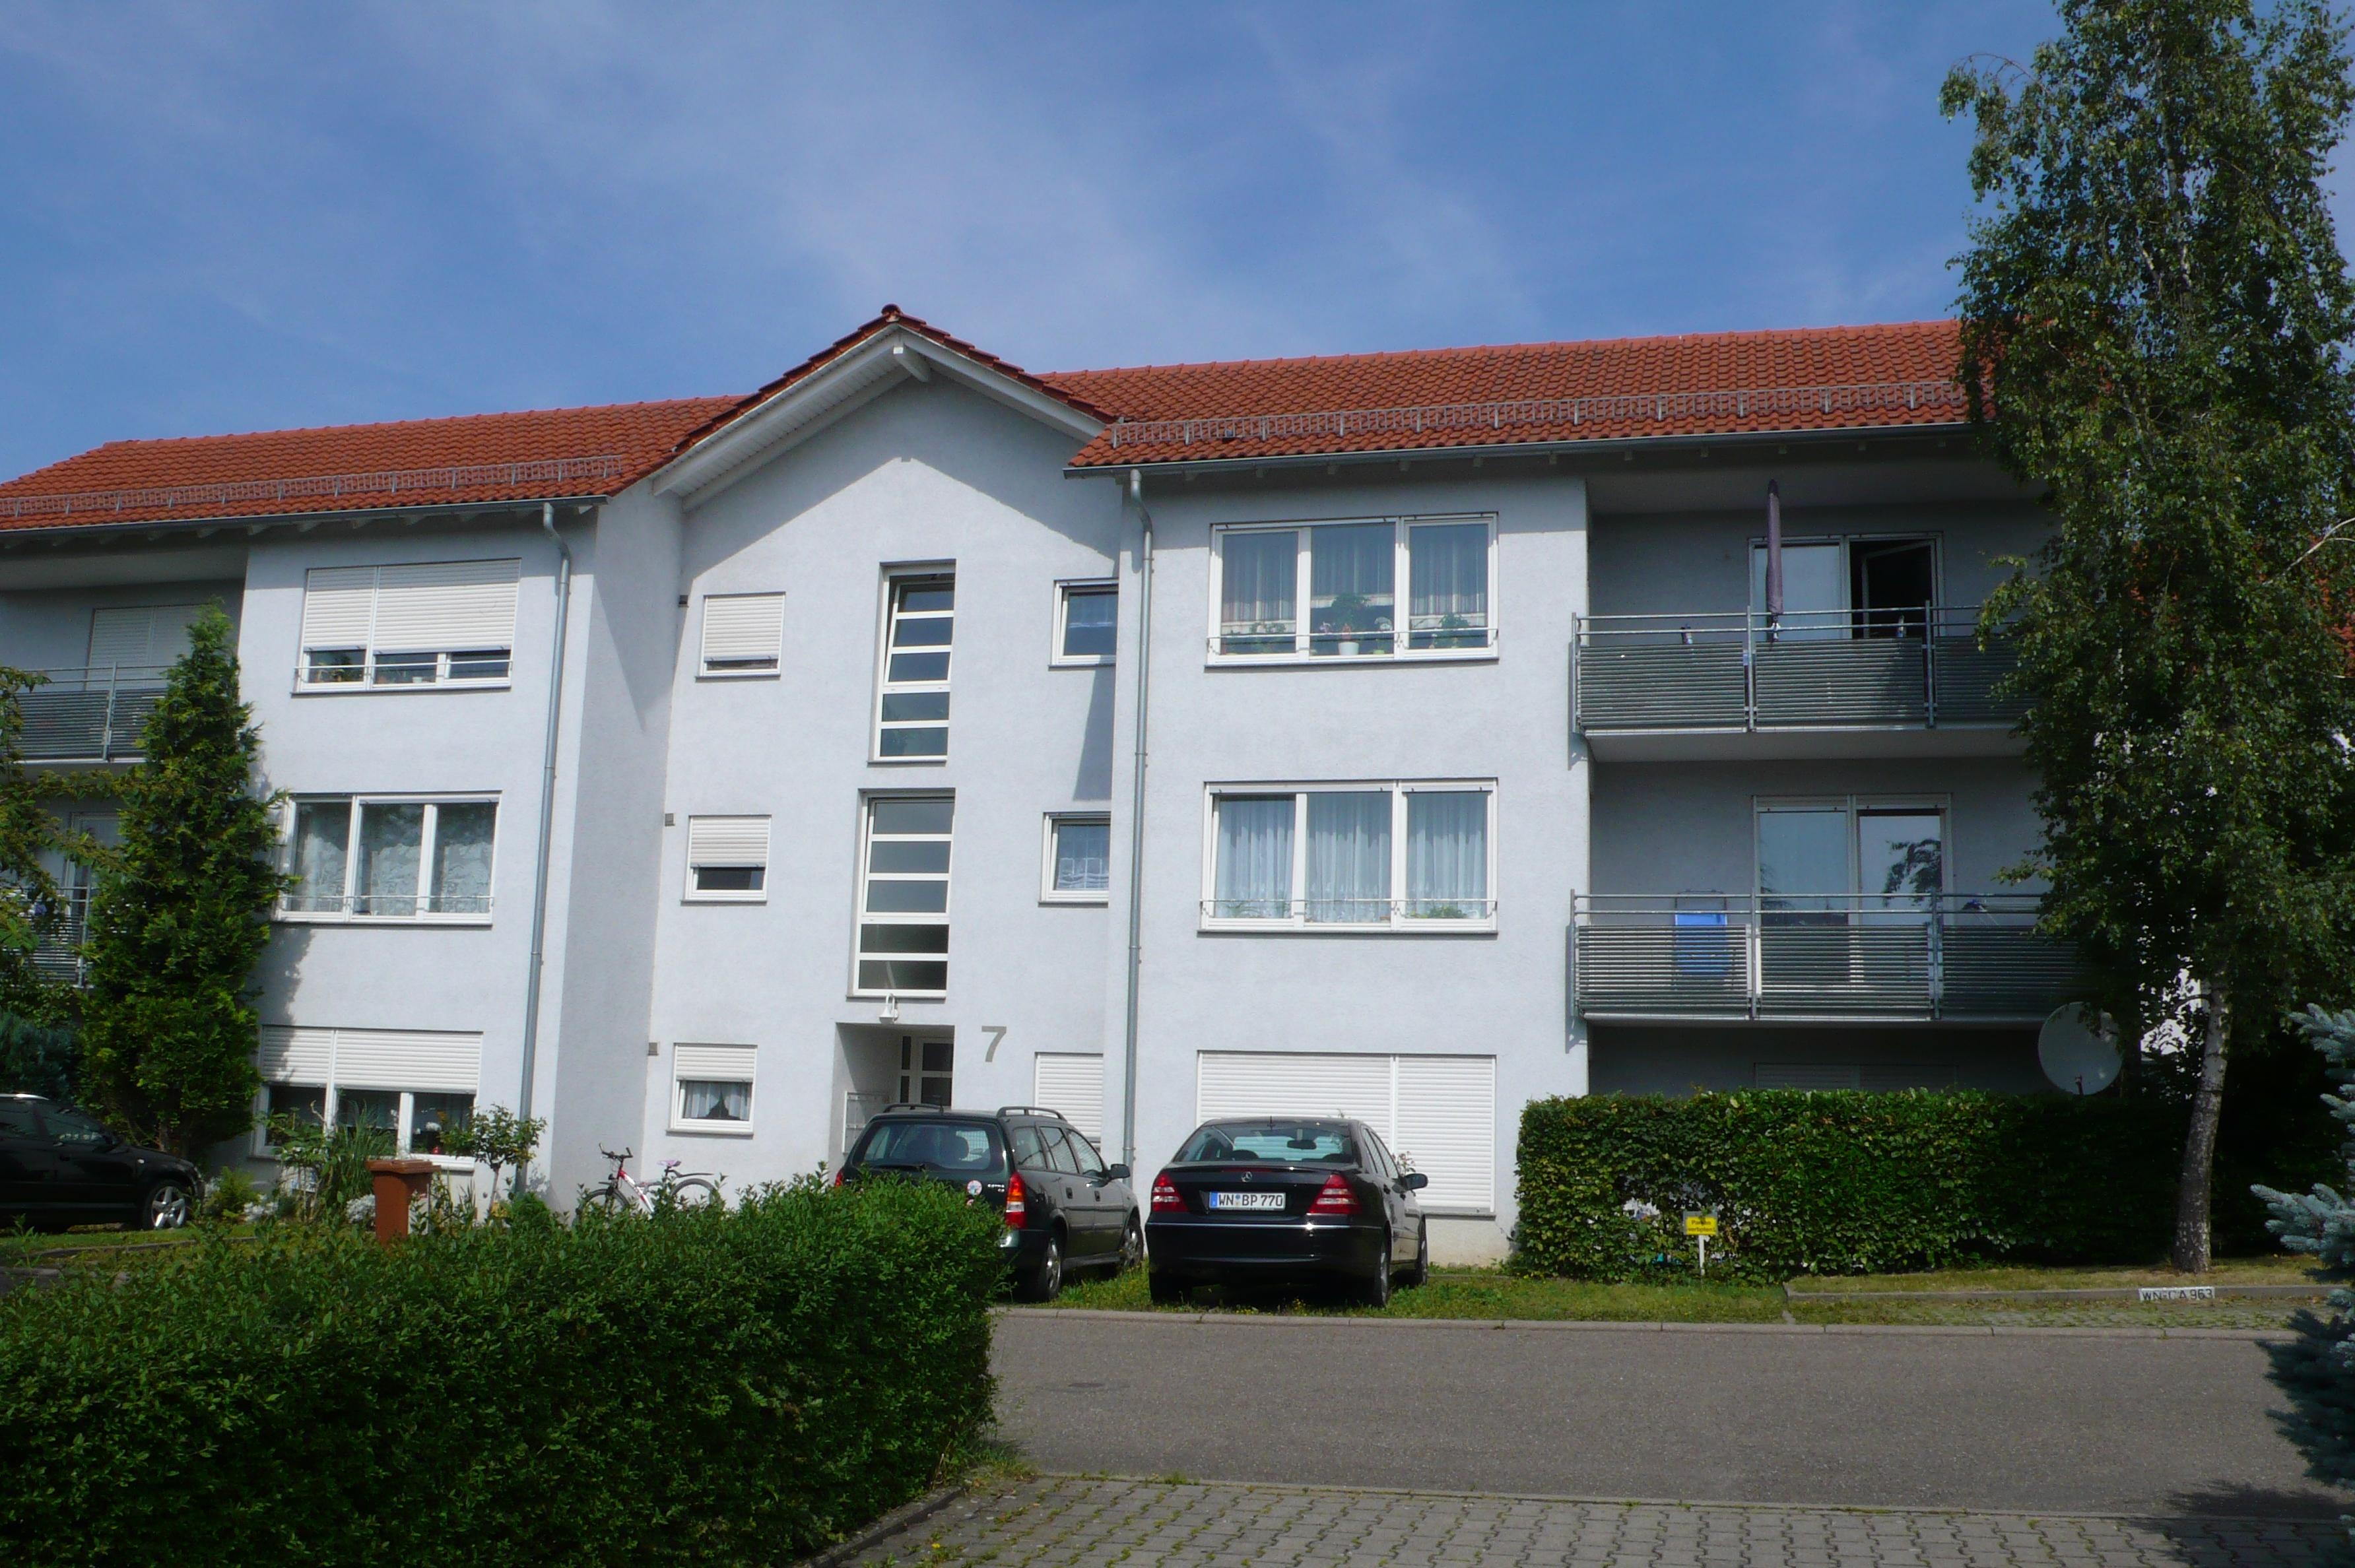 Schoweerweg 7 - Alle BGW-Häuser